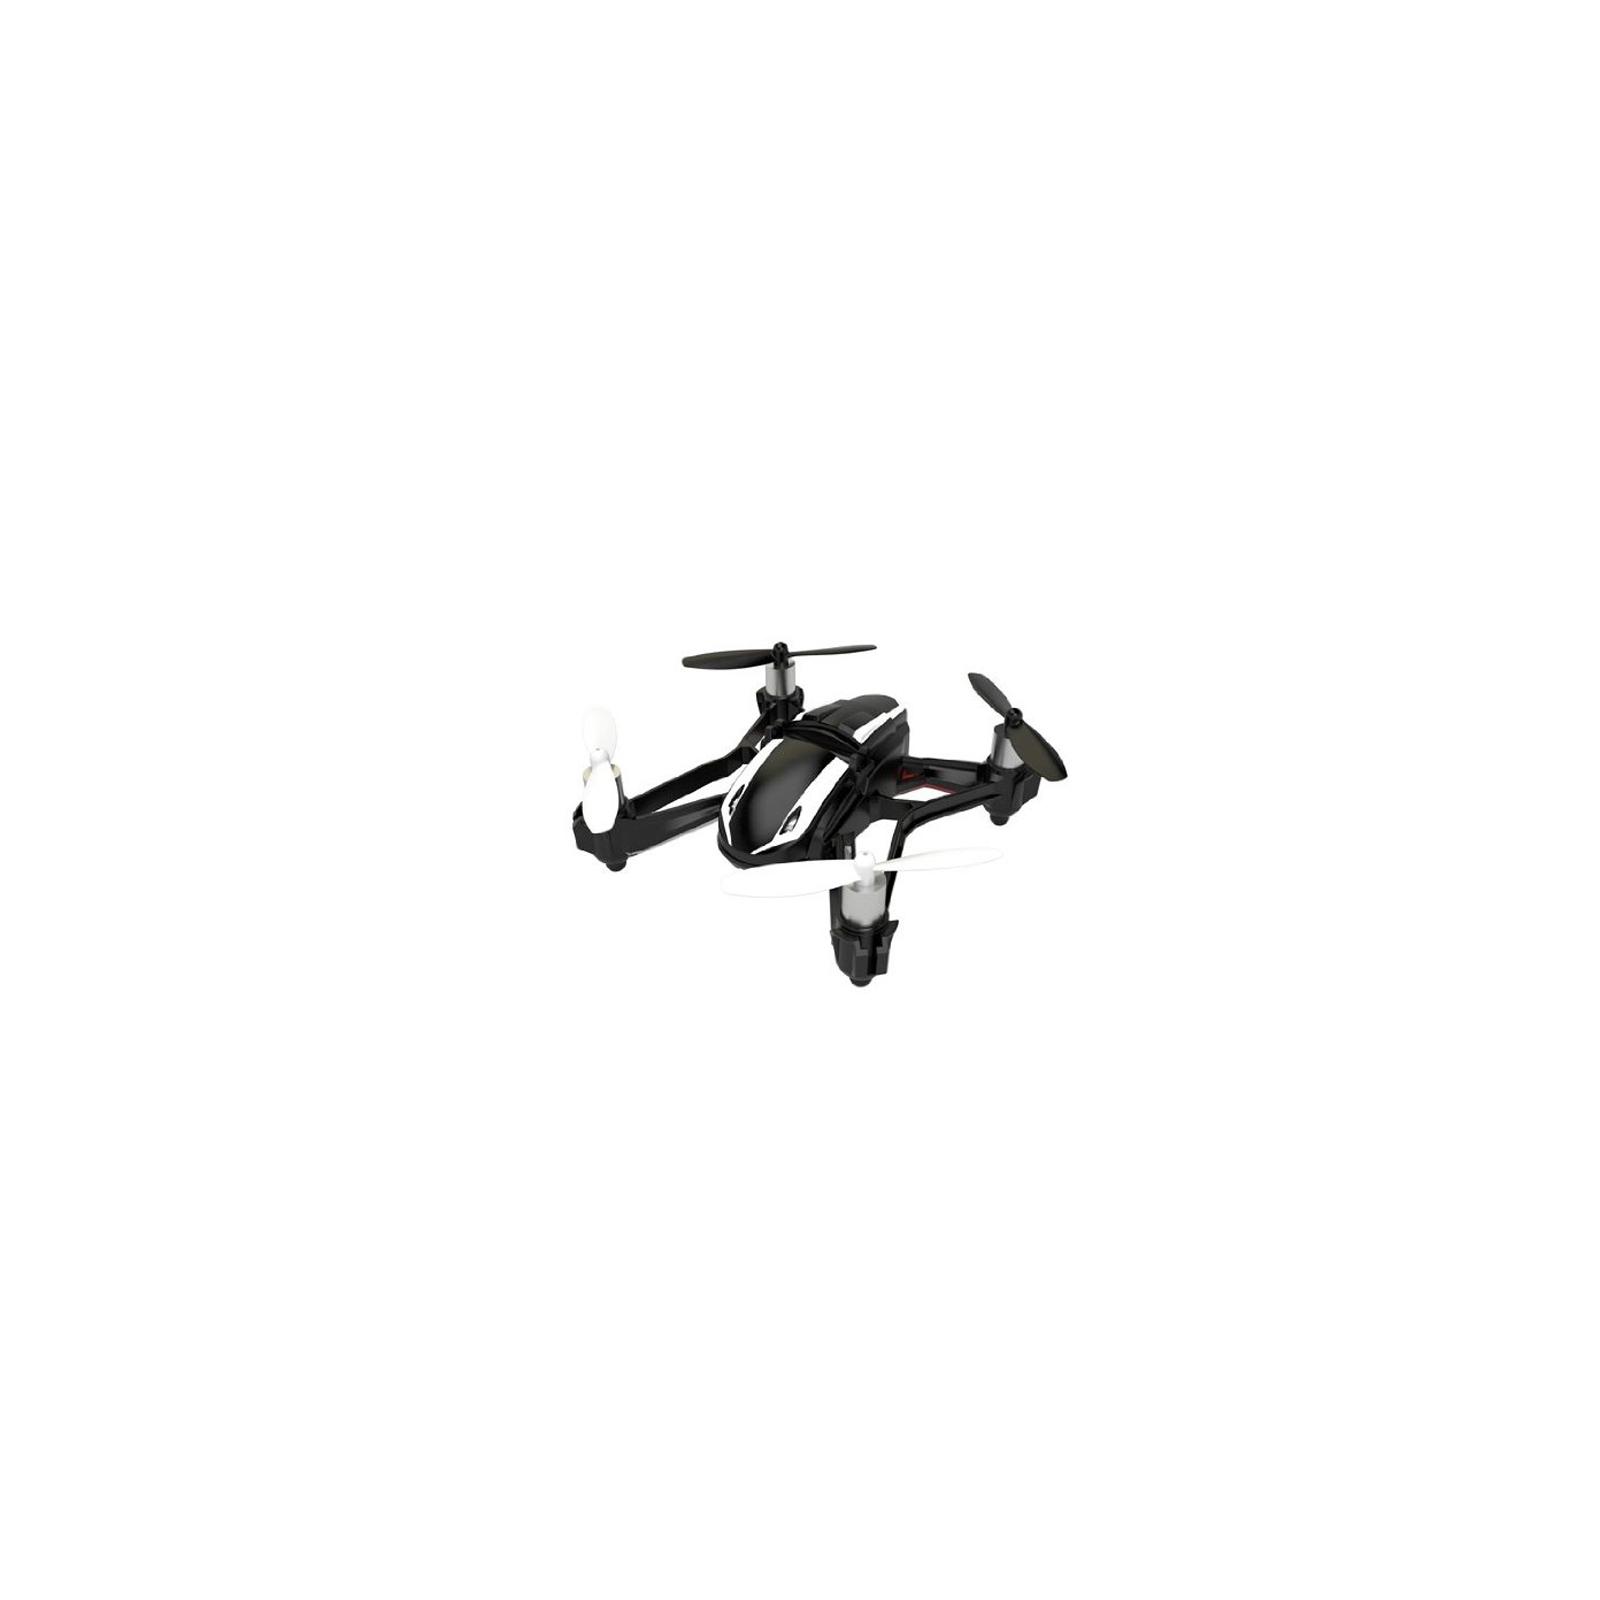 Квадрокоптер UDIRC U841 NANO RX4 3-в-12 125 мм HD камера (U841 Black)